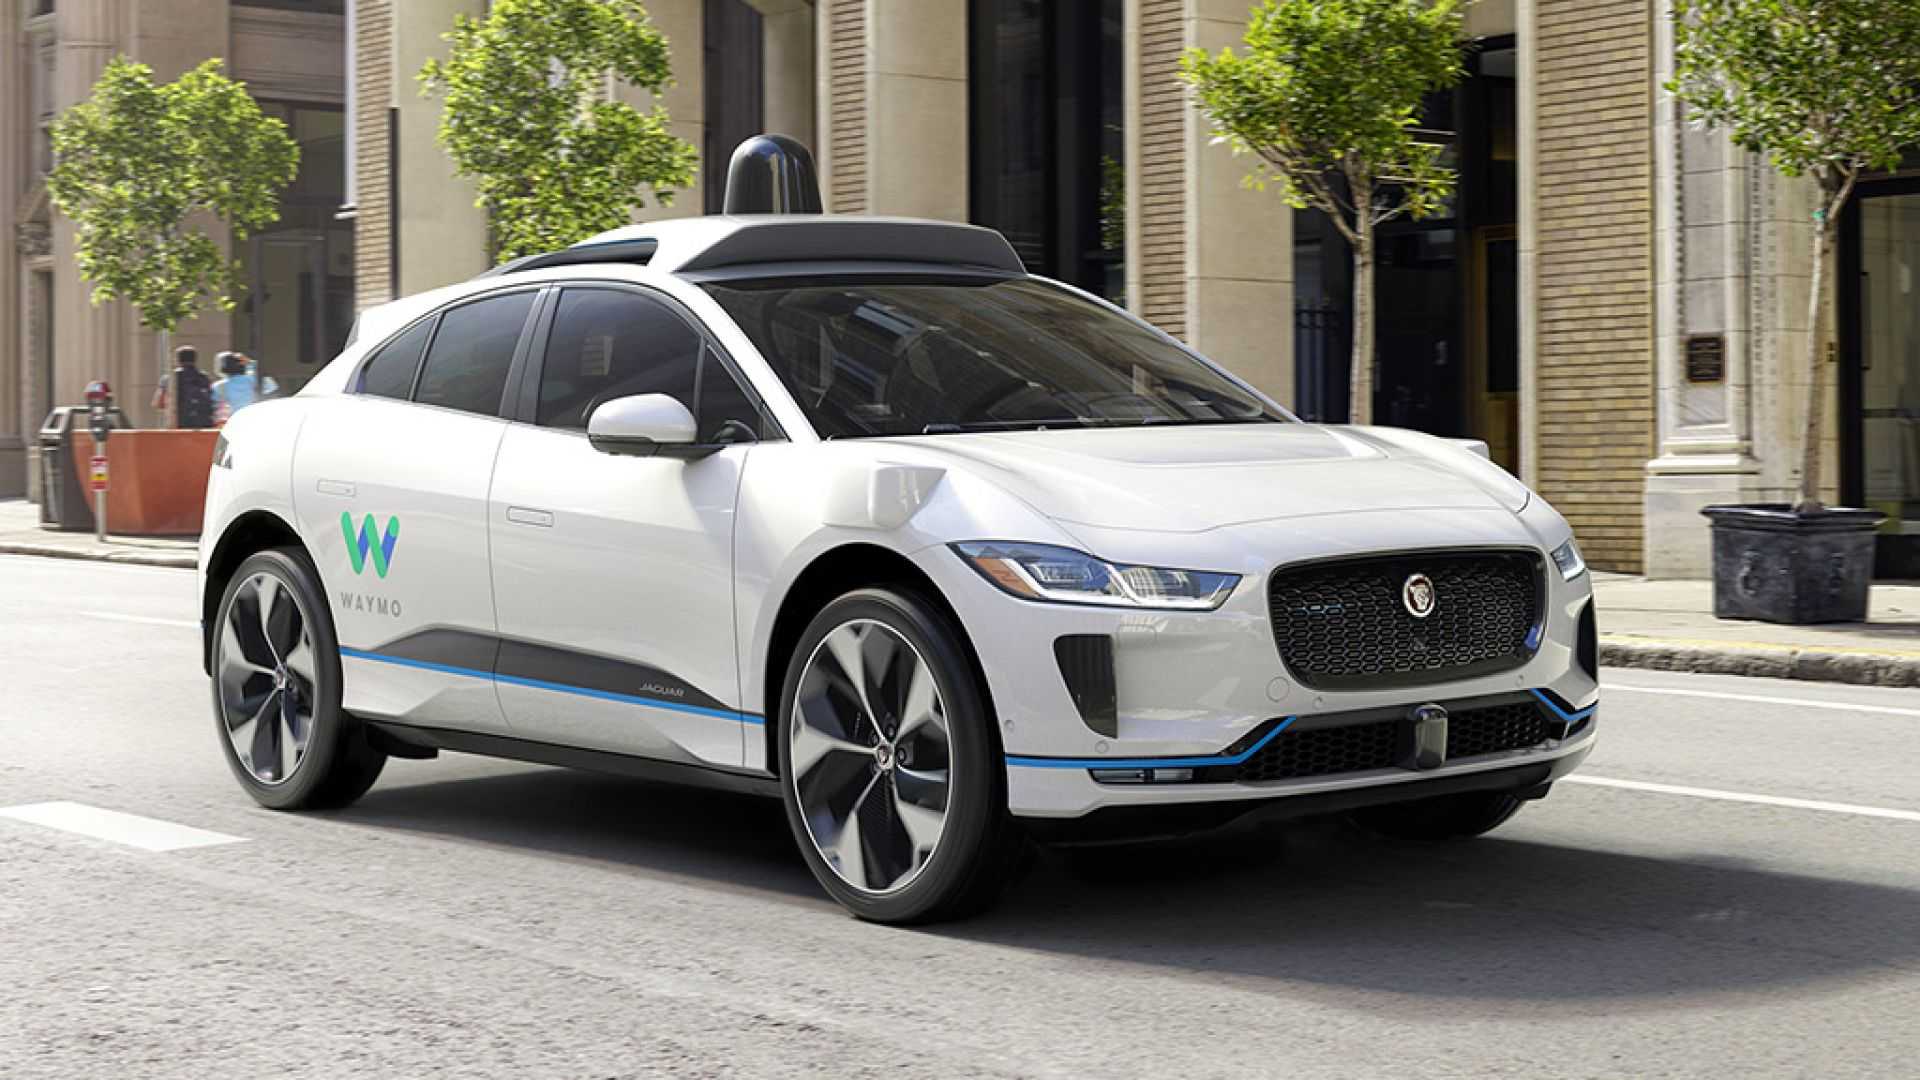 Waymo тества автономни таксита в Сан Франциско